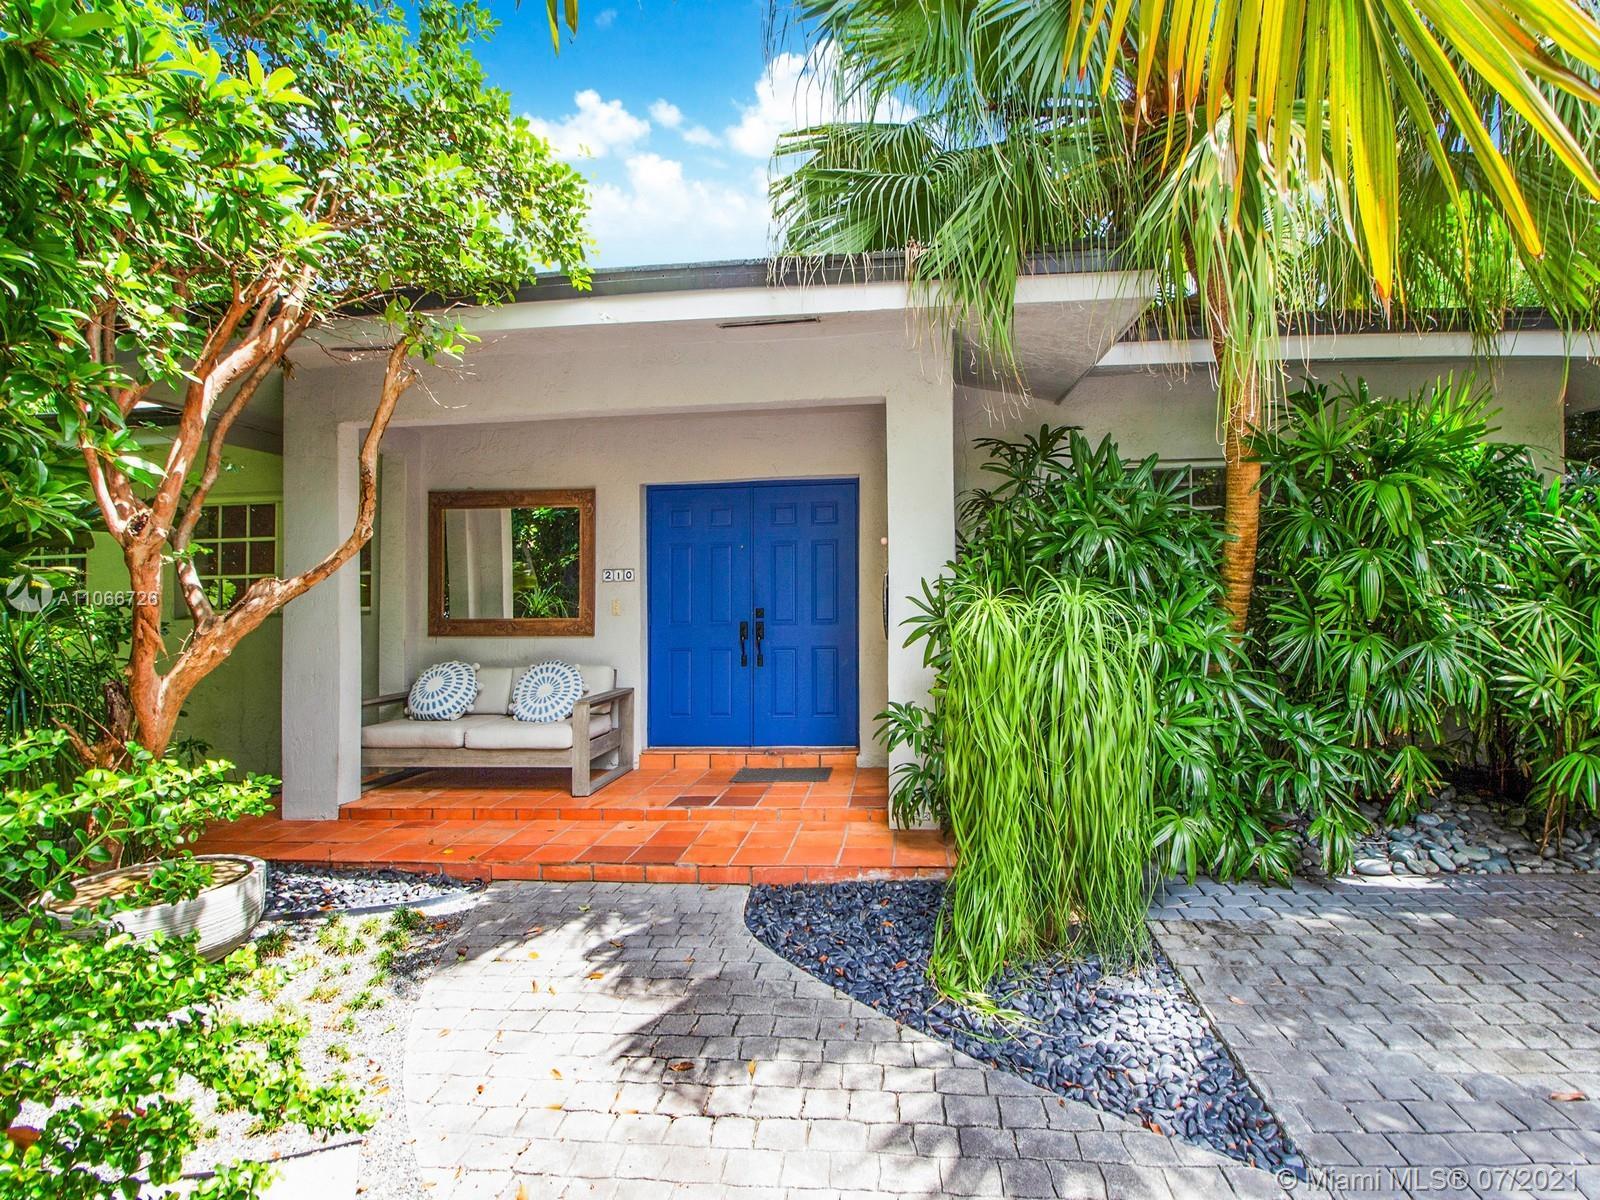 Tropical Isle Homes # - 01 - photo